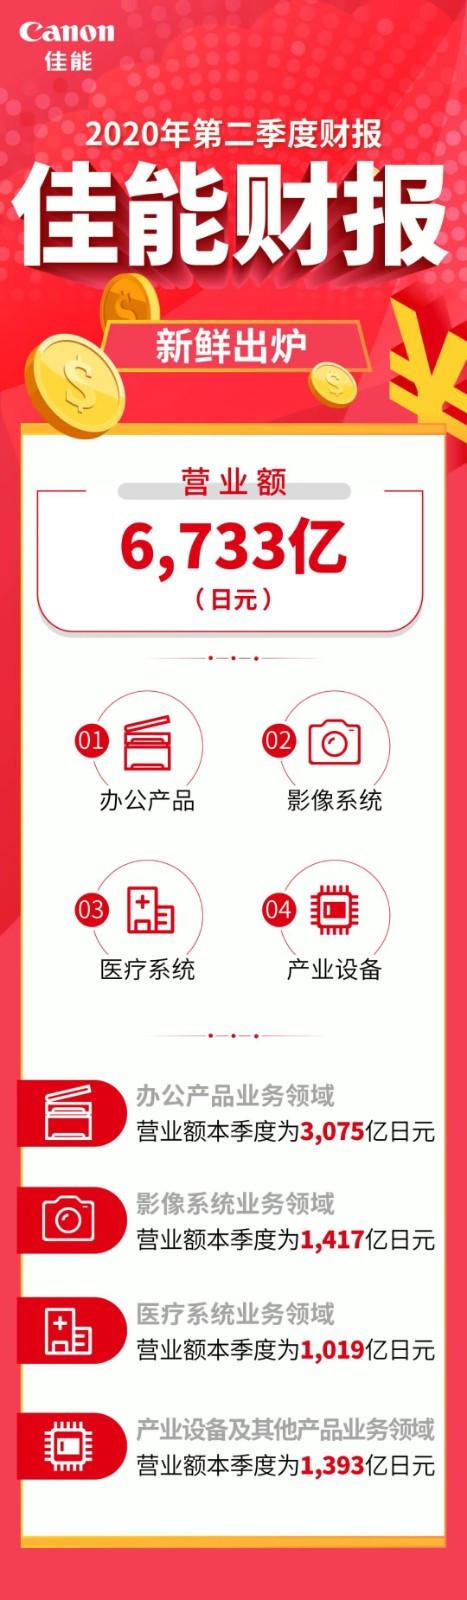 WeChat Image_20200729105853.jpg